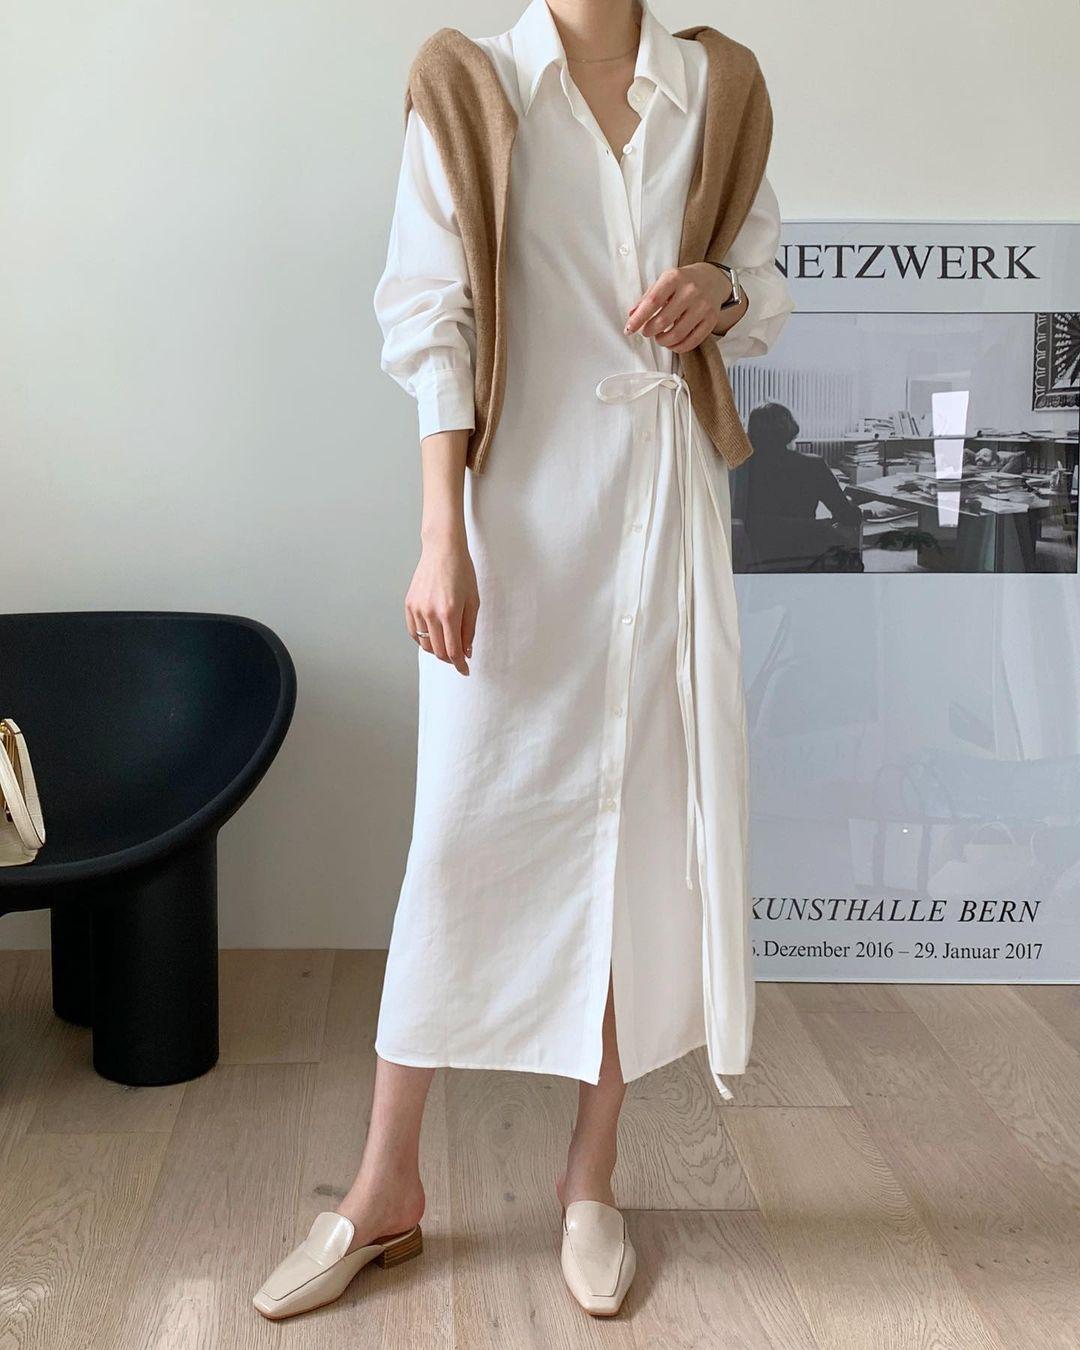 Hè đến là gái Hàn lại diện đủ kiểu váy trắng siêu trẻ xinh và tinh tế, xem mà muốn sắm cả 'lố' về nhà - Ảnh 8